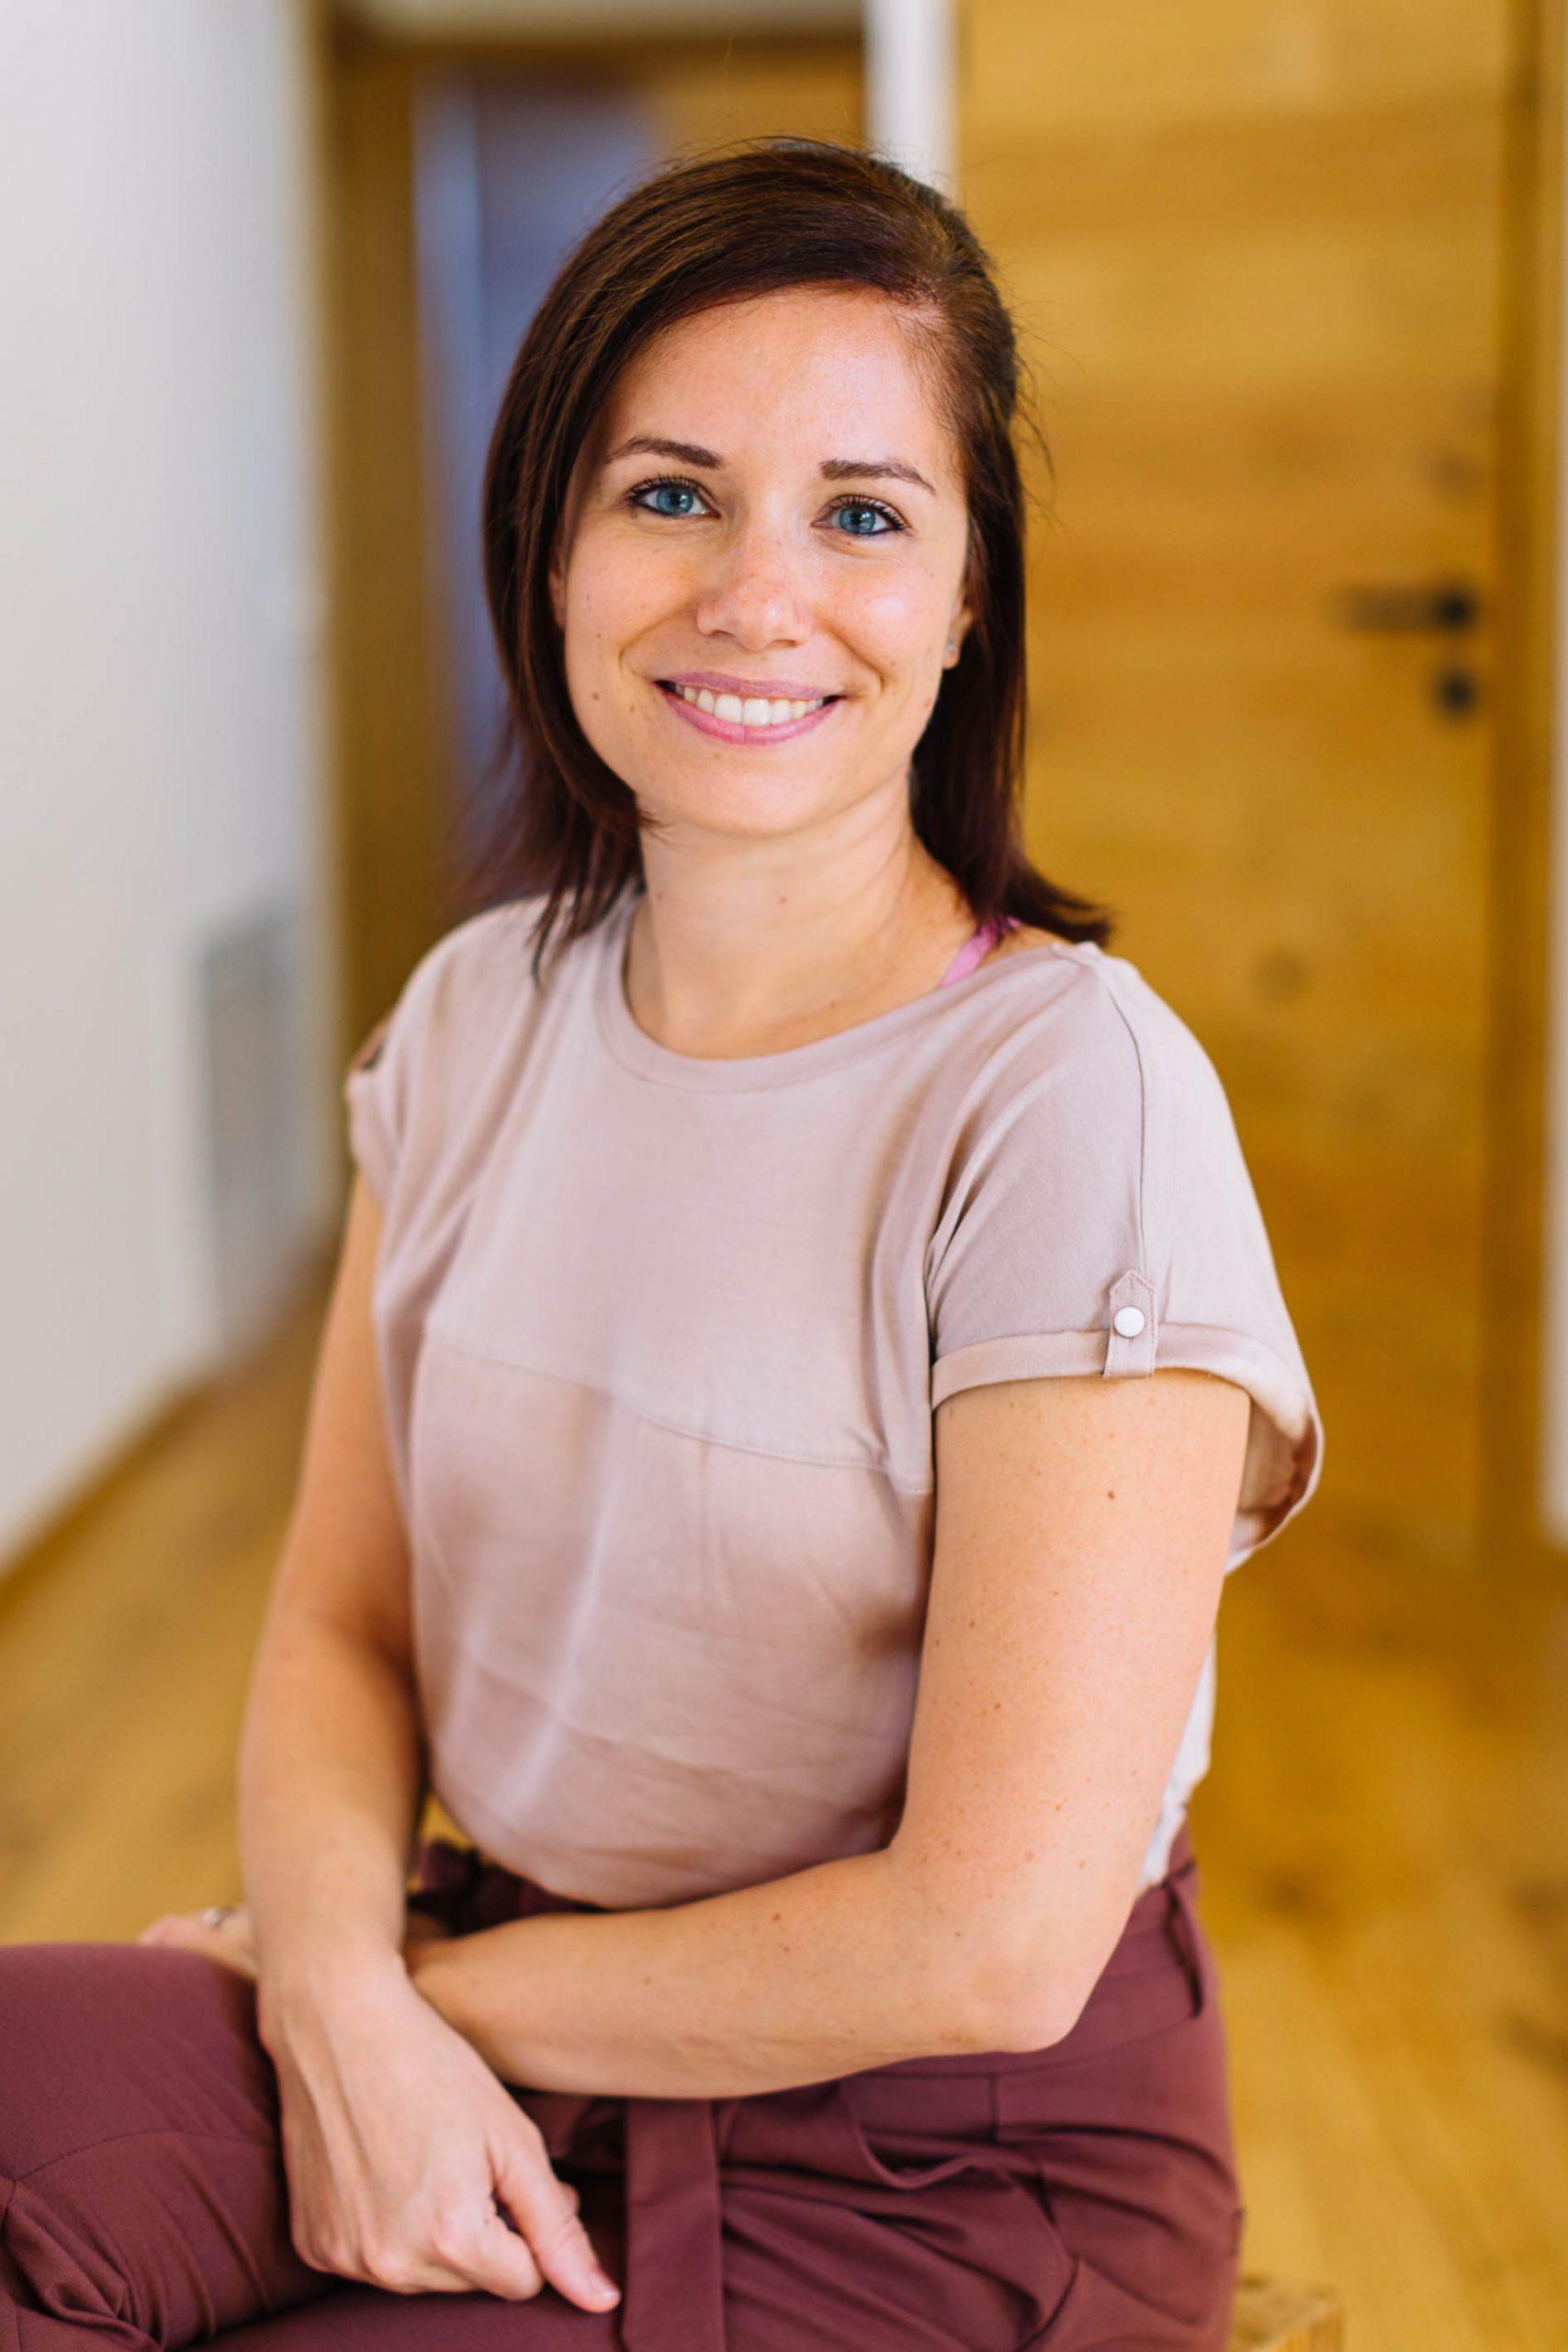 Dr. Ursula Mutsch-Regner